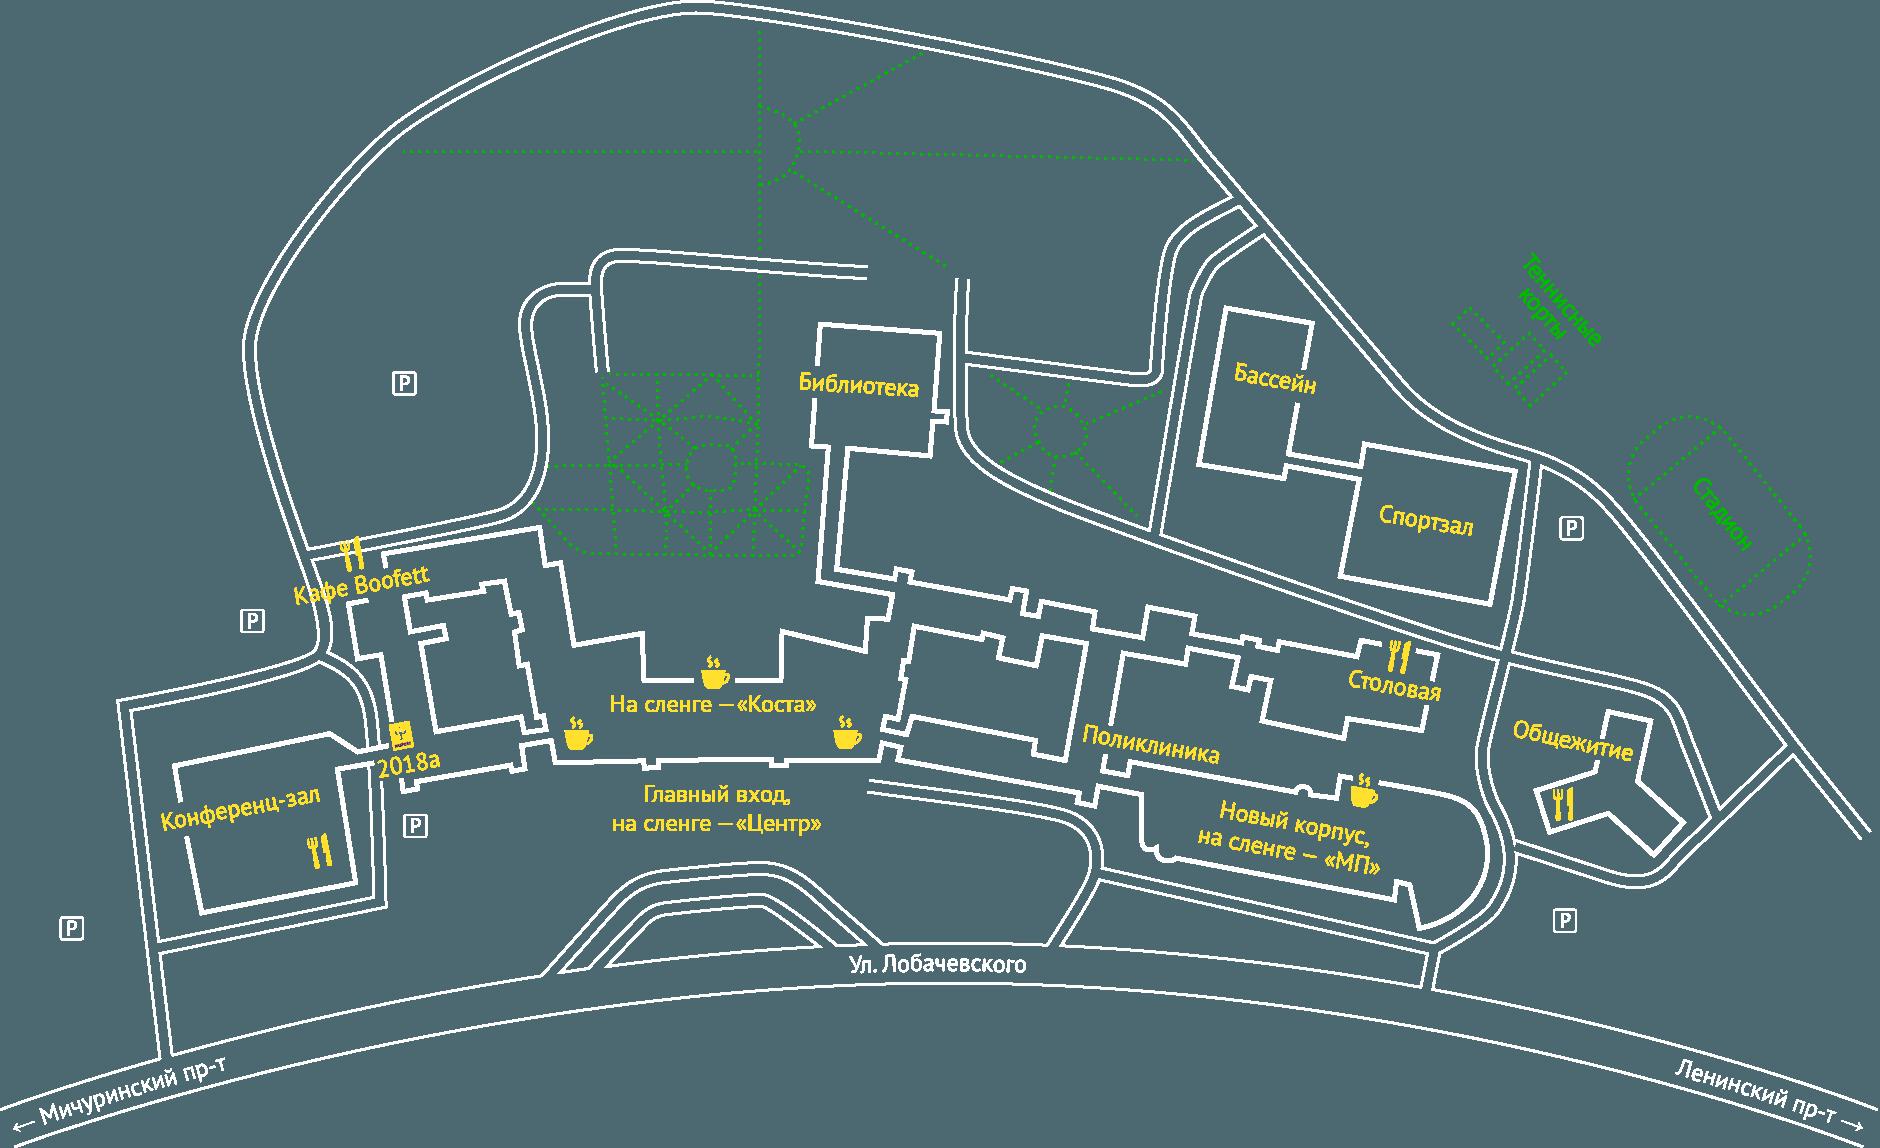 Карта-схема МГИМО